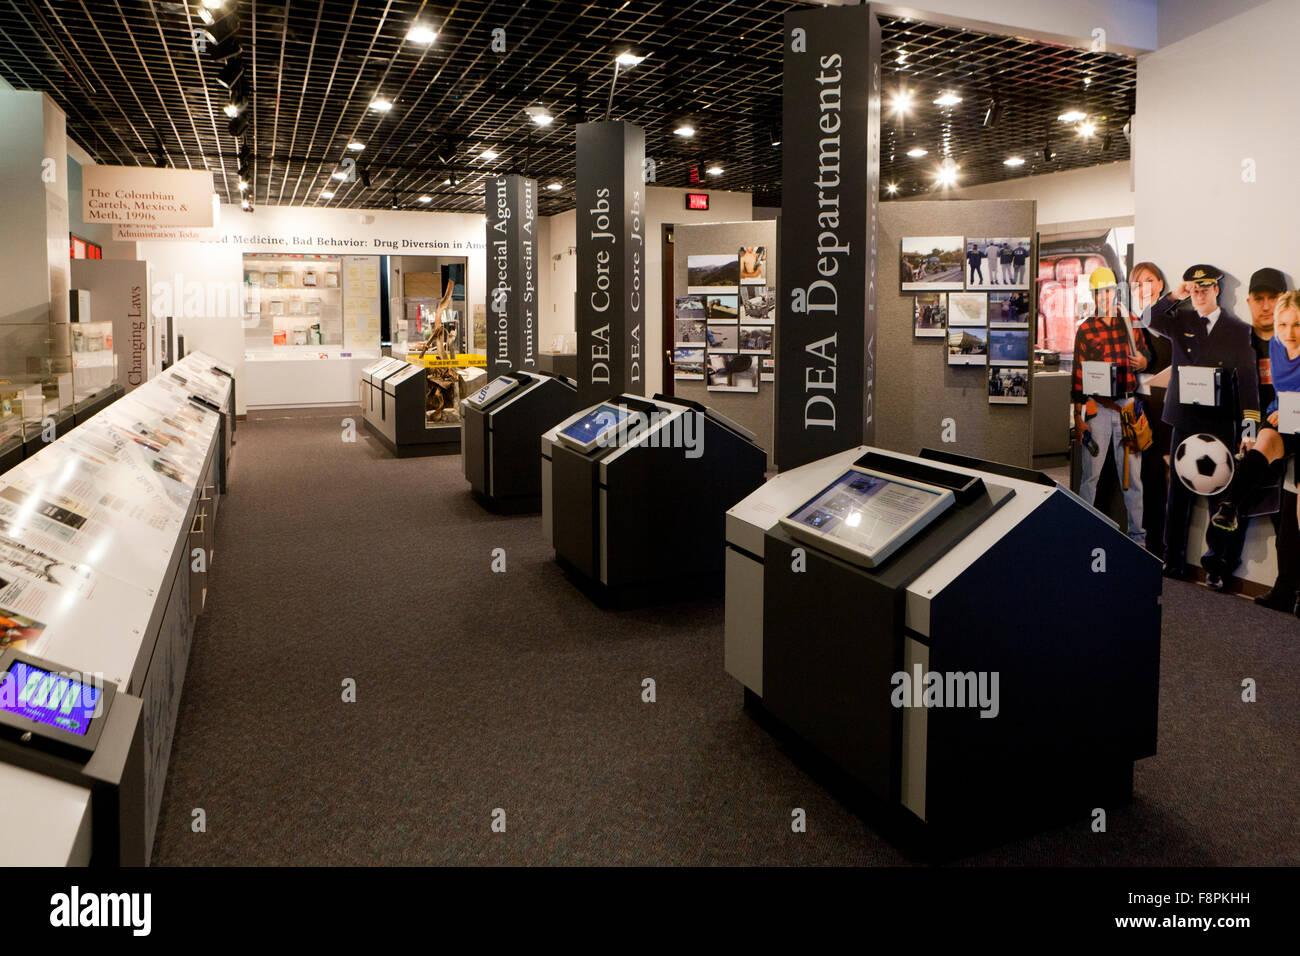 La DEA (Drug Enforcement Agency) Museo e Centro Visitatori - Arlington, Virginia, Stati Uniti d'America Immagini Stock